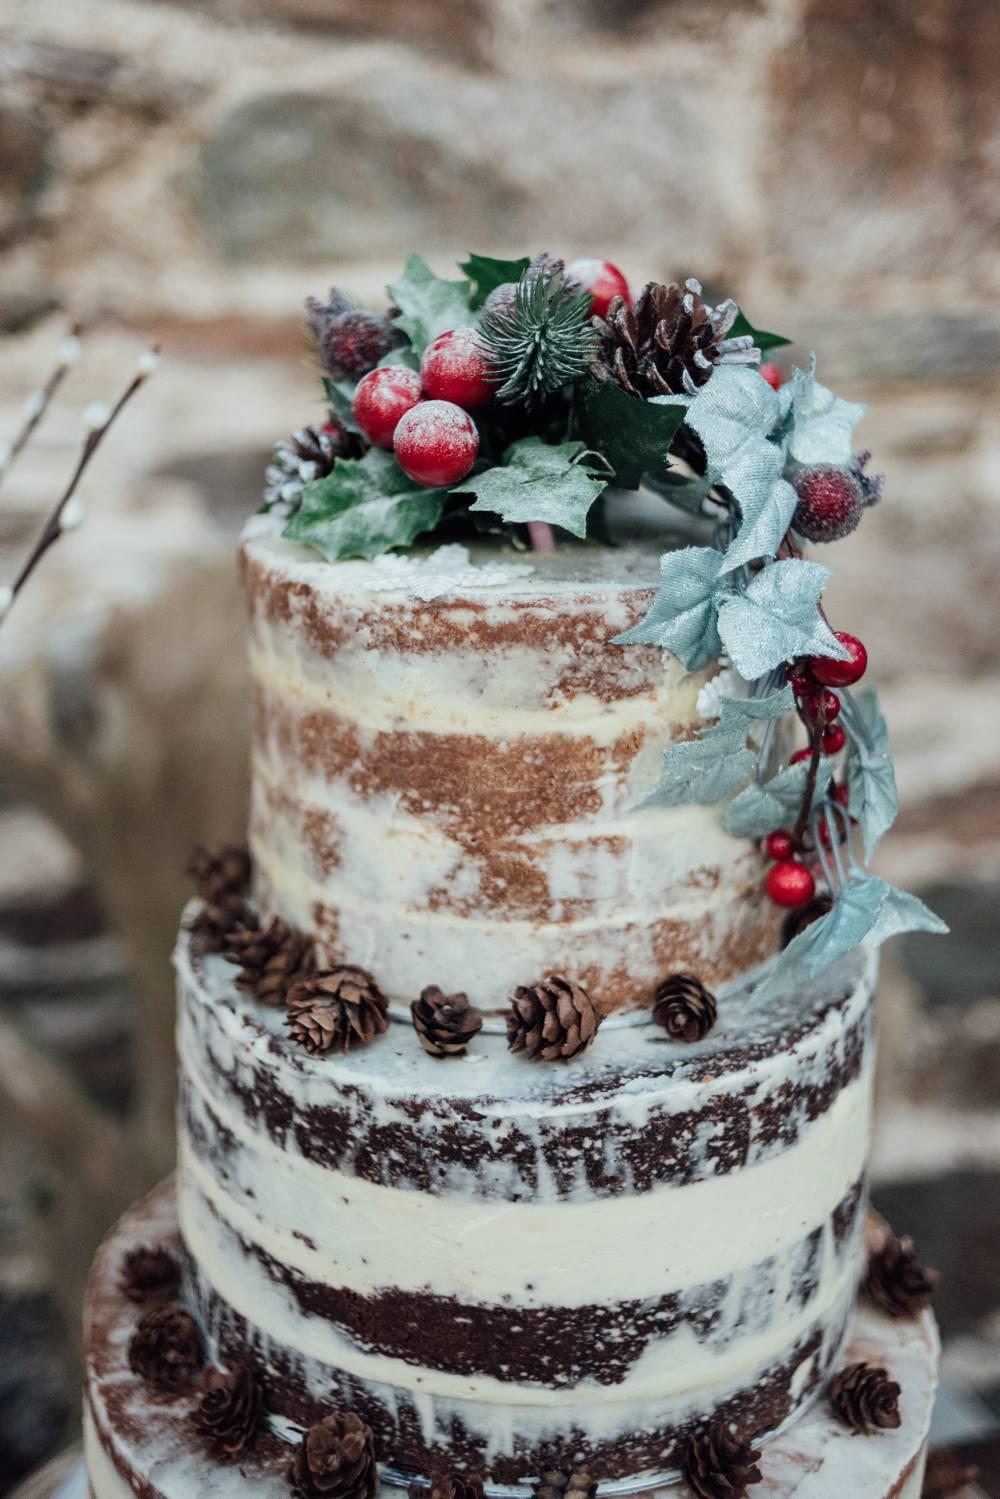 .: Christmas Wedding C ake |Christmas Wedding Cakes